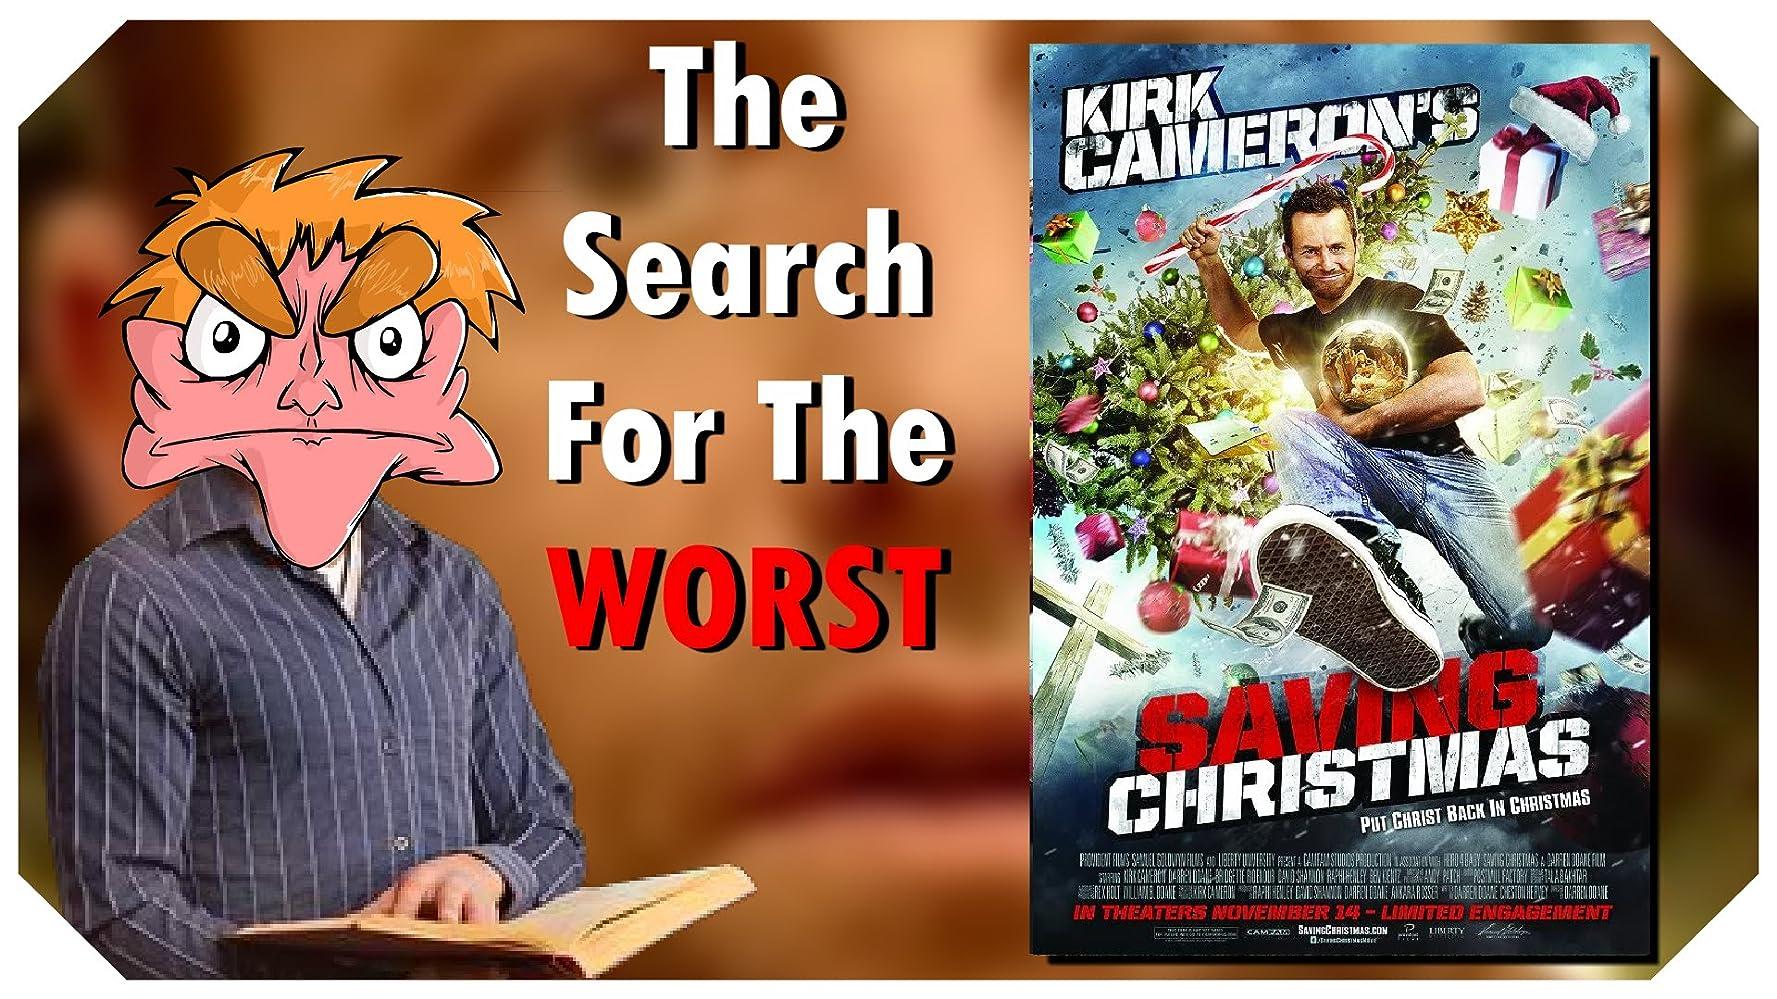 Kirk Cameron Saving Christmas.Kirk Cameron S Saving Christmas 2016